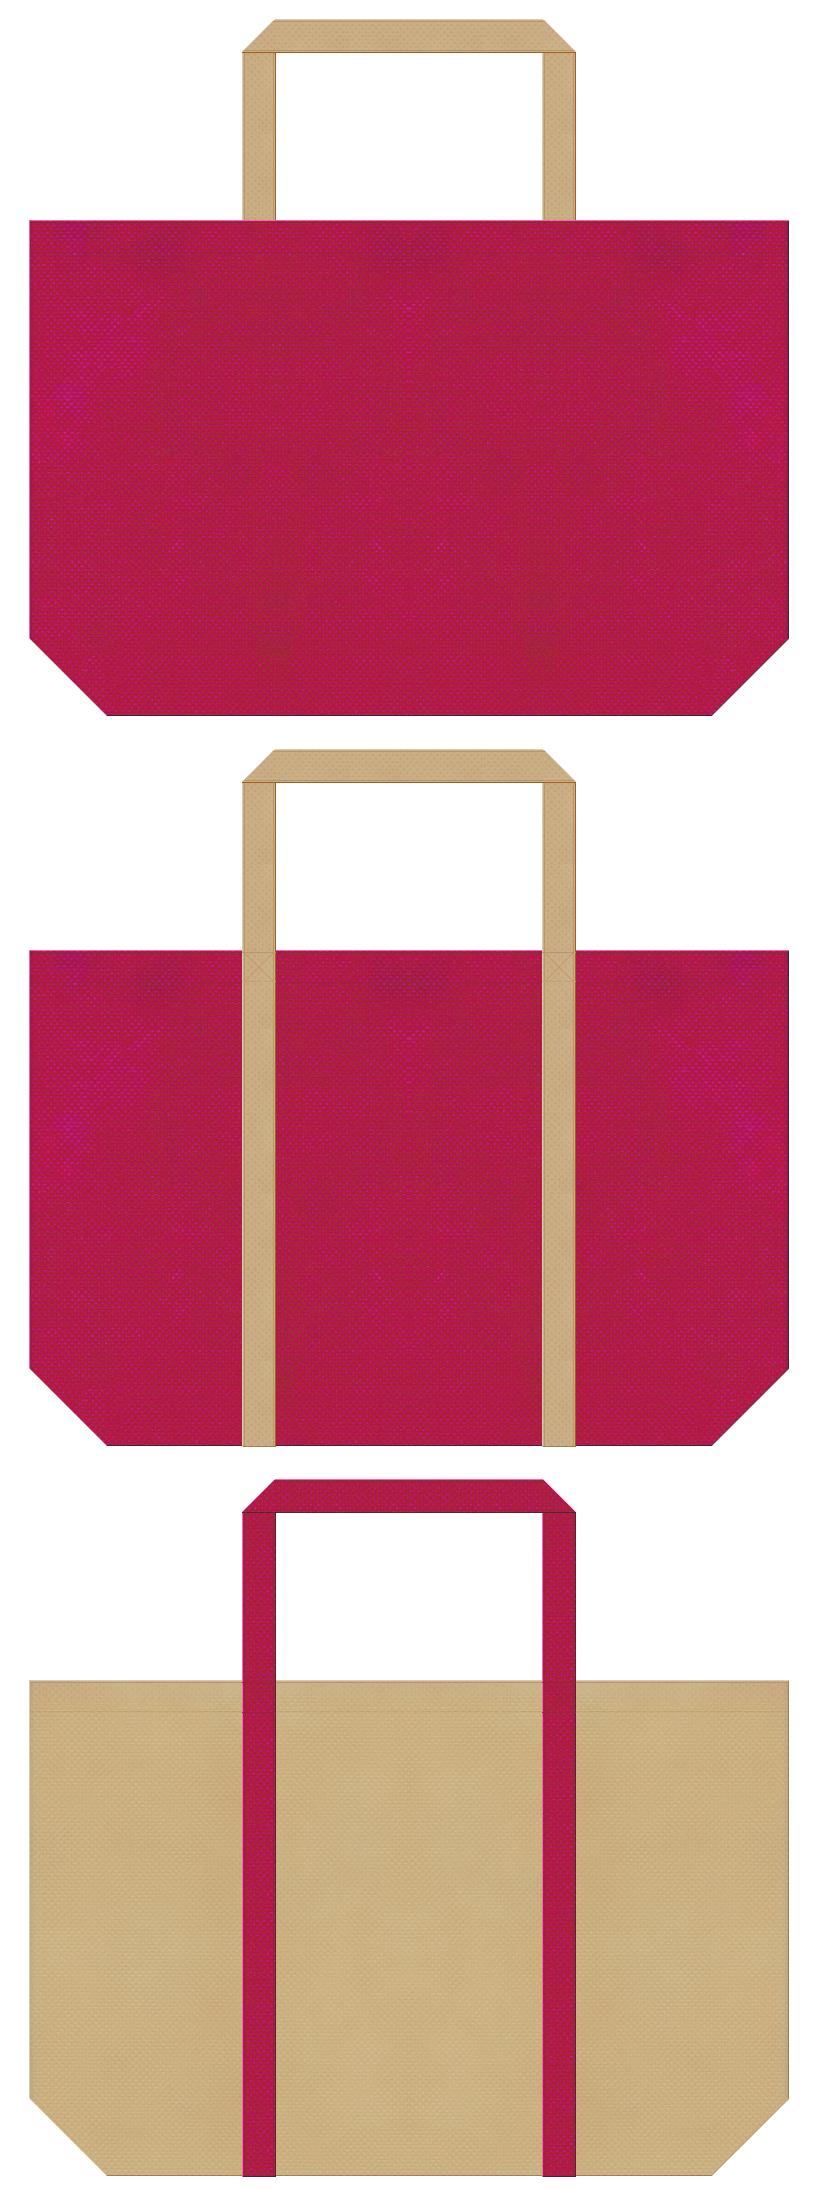 南国・リゾート・アイランド・トロピカル・カクテル・観光土産のショッピングバッグ・トラベルバッグ・ハワイアン・アロハシャツ・水着のショッピングバッグにお奨めの不織布バッグデザイン:濃いピンク色とカーキ色のコーデ